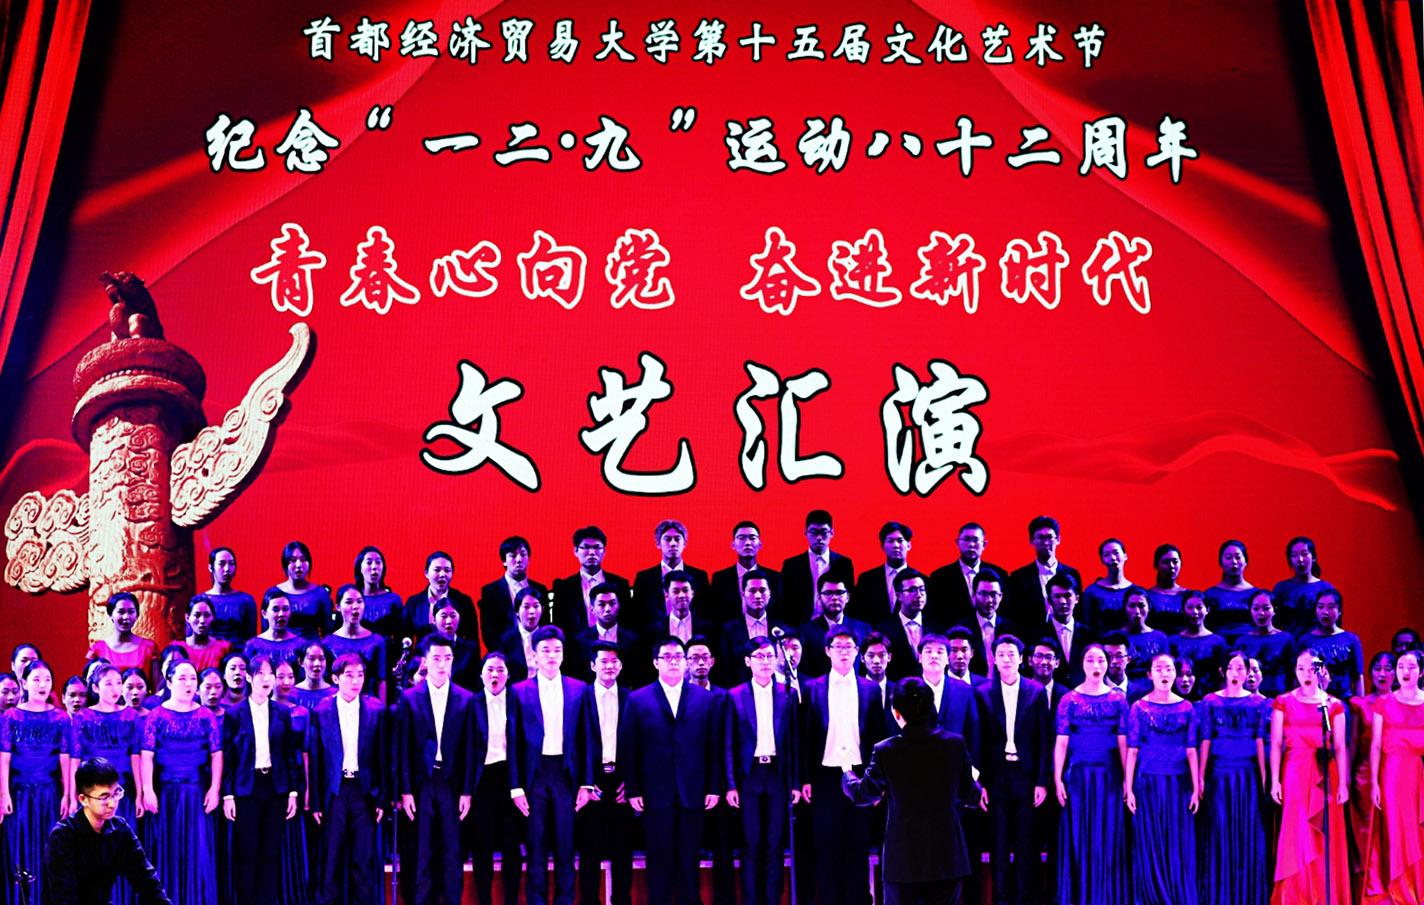 首经贸大学生合唱团《我爱你中国》